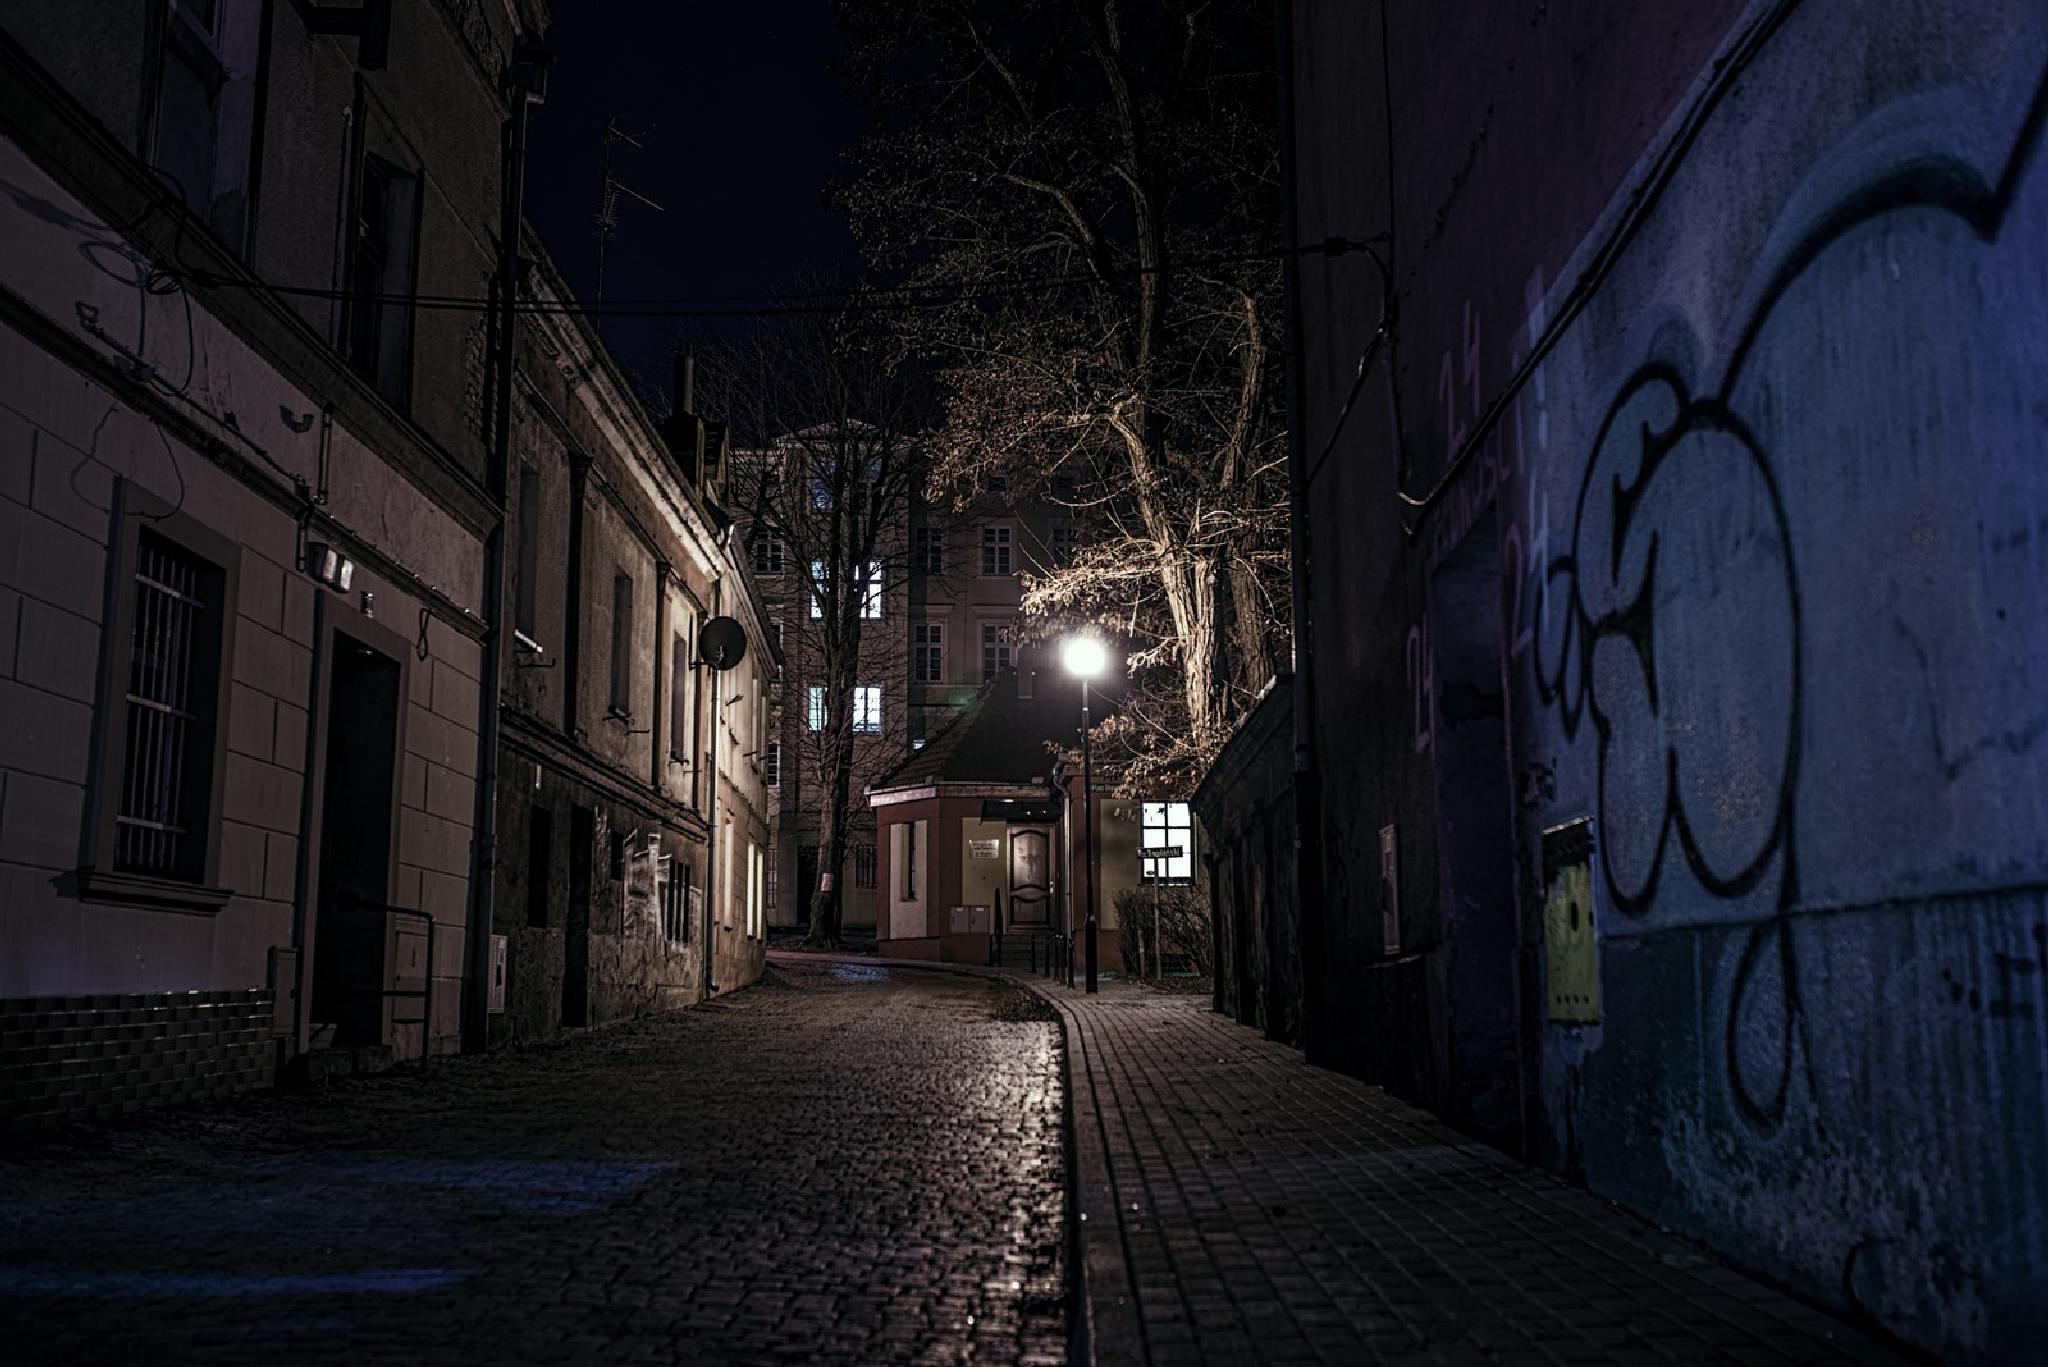 Curve Street  by Waldemar Sadlowski